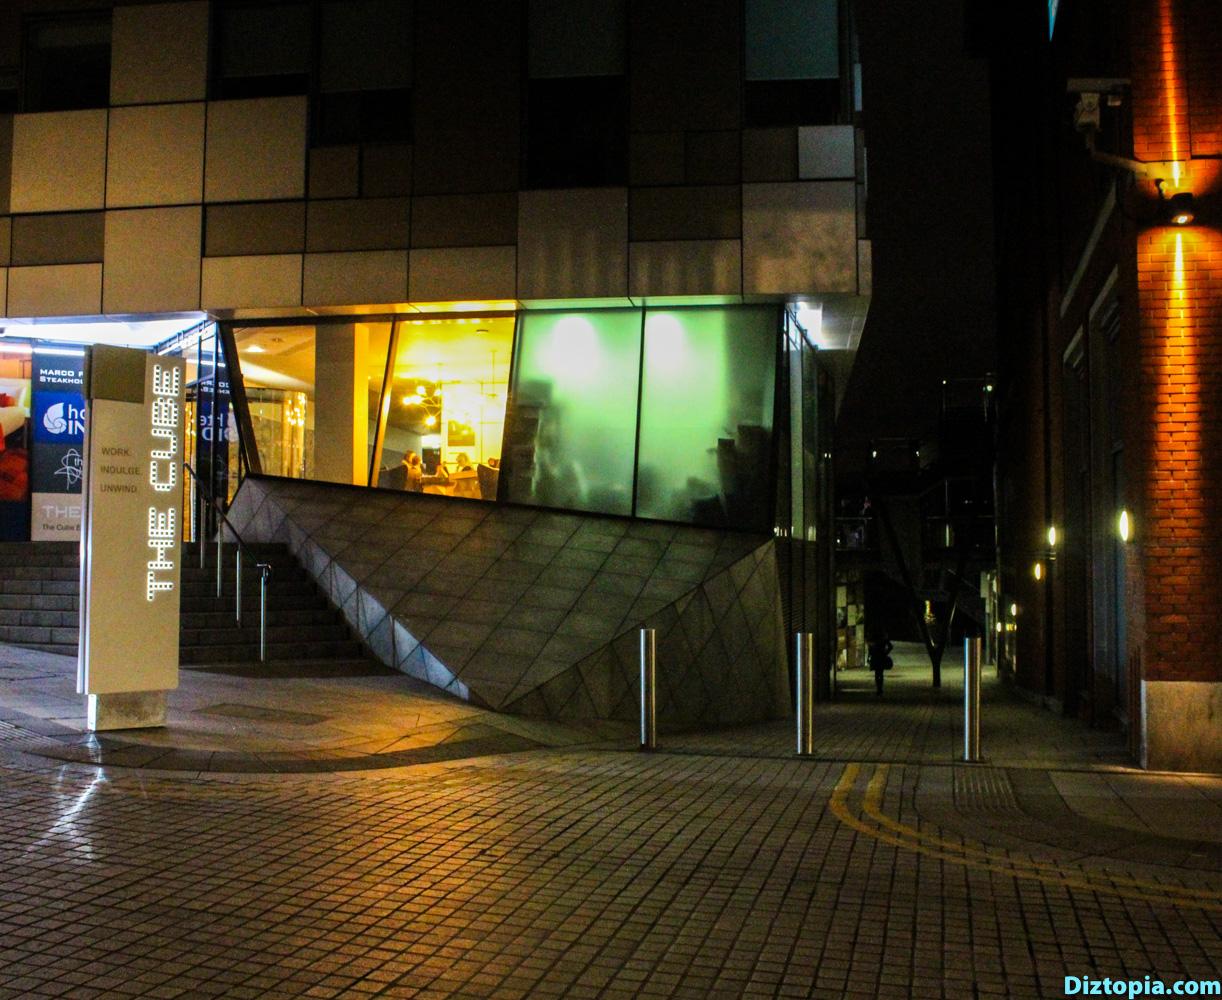 Birmingham-Canal-City-Diztopia-Photography-Night-Dizma-Dahl-China-Town-UK-Blog-13